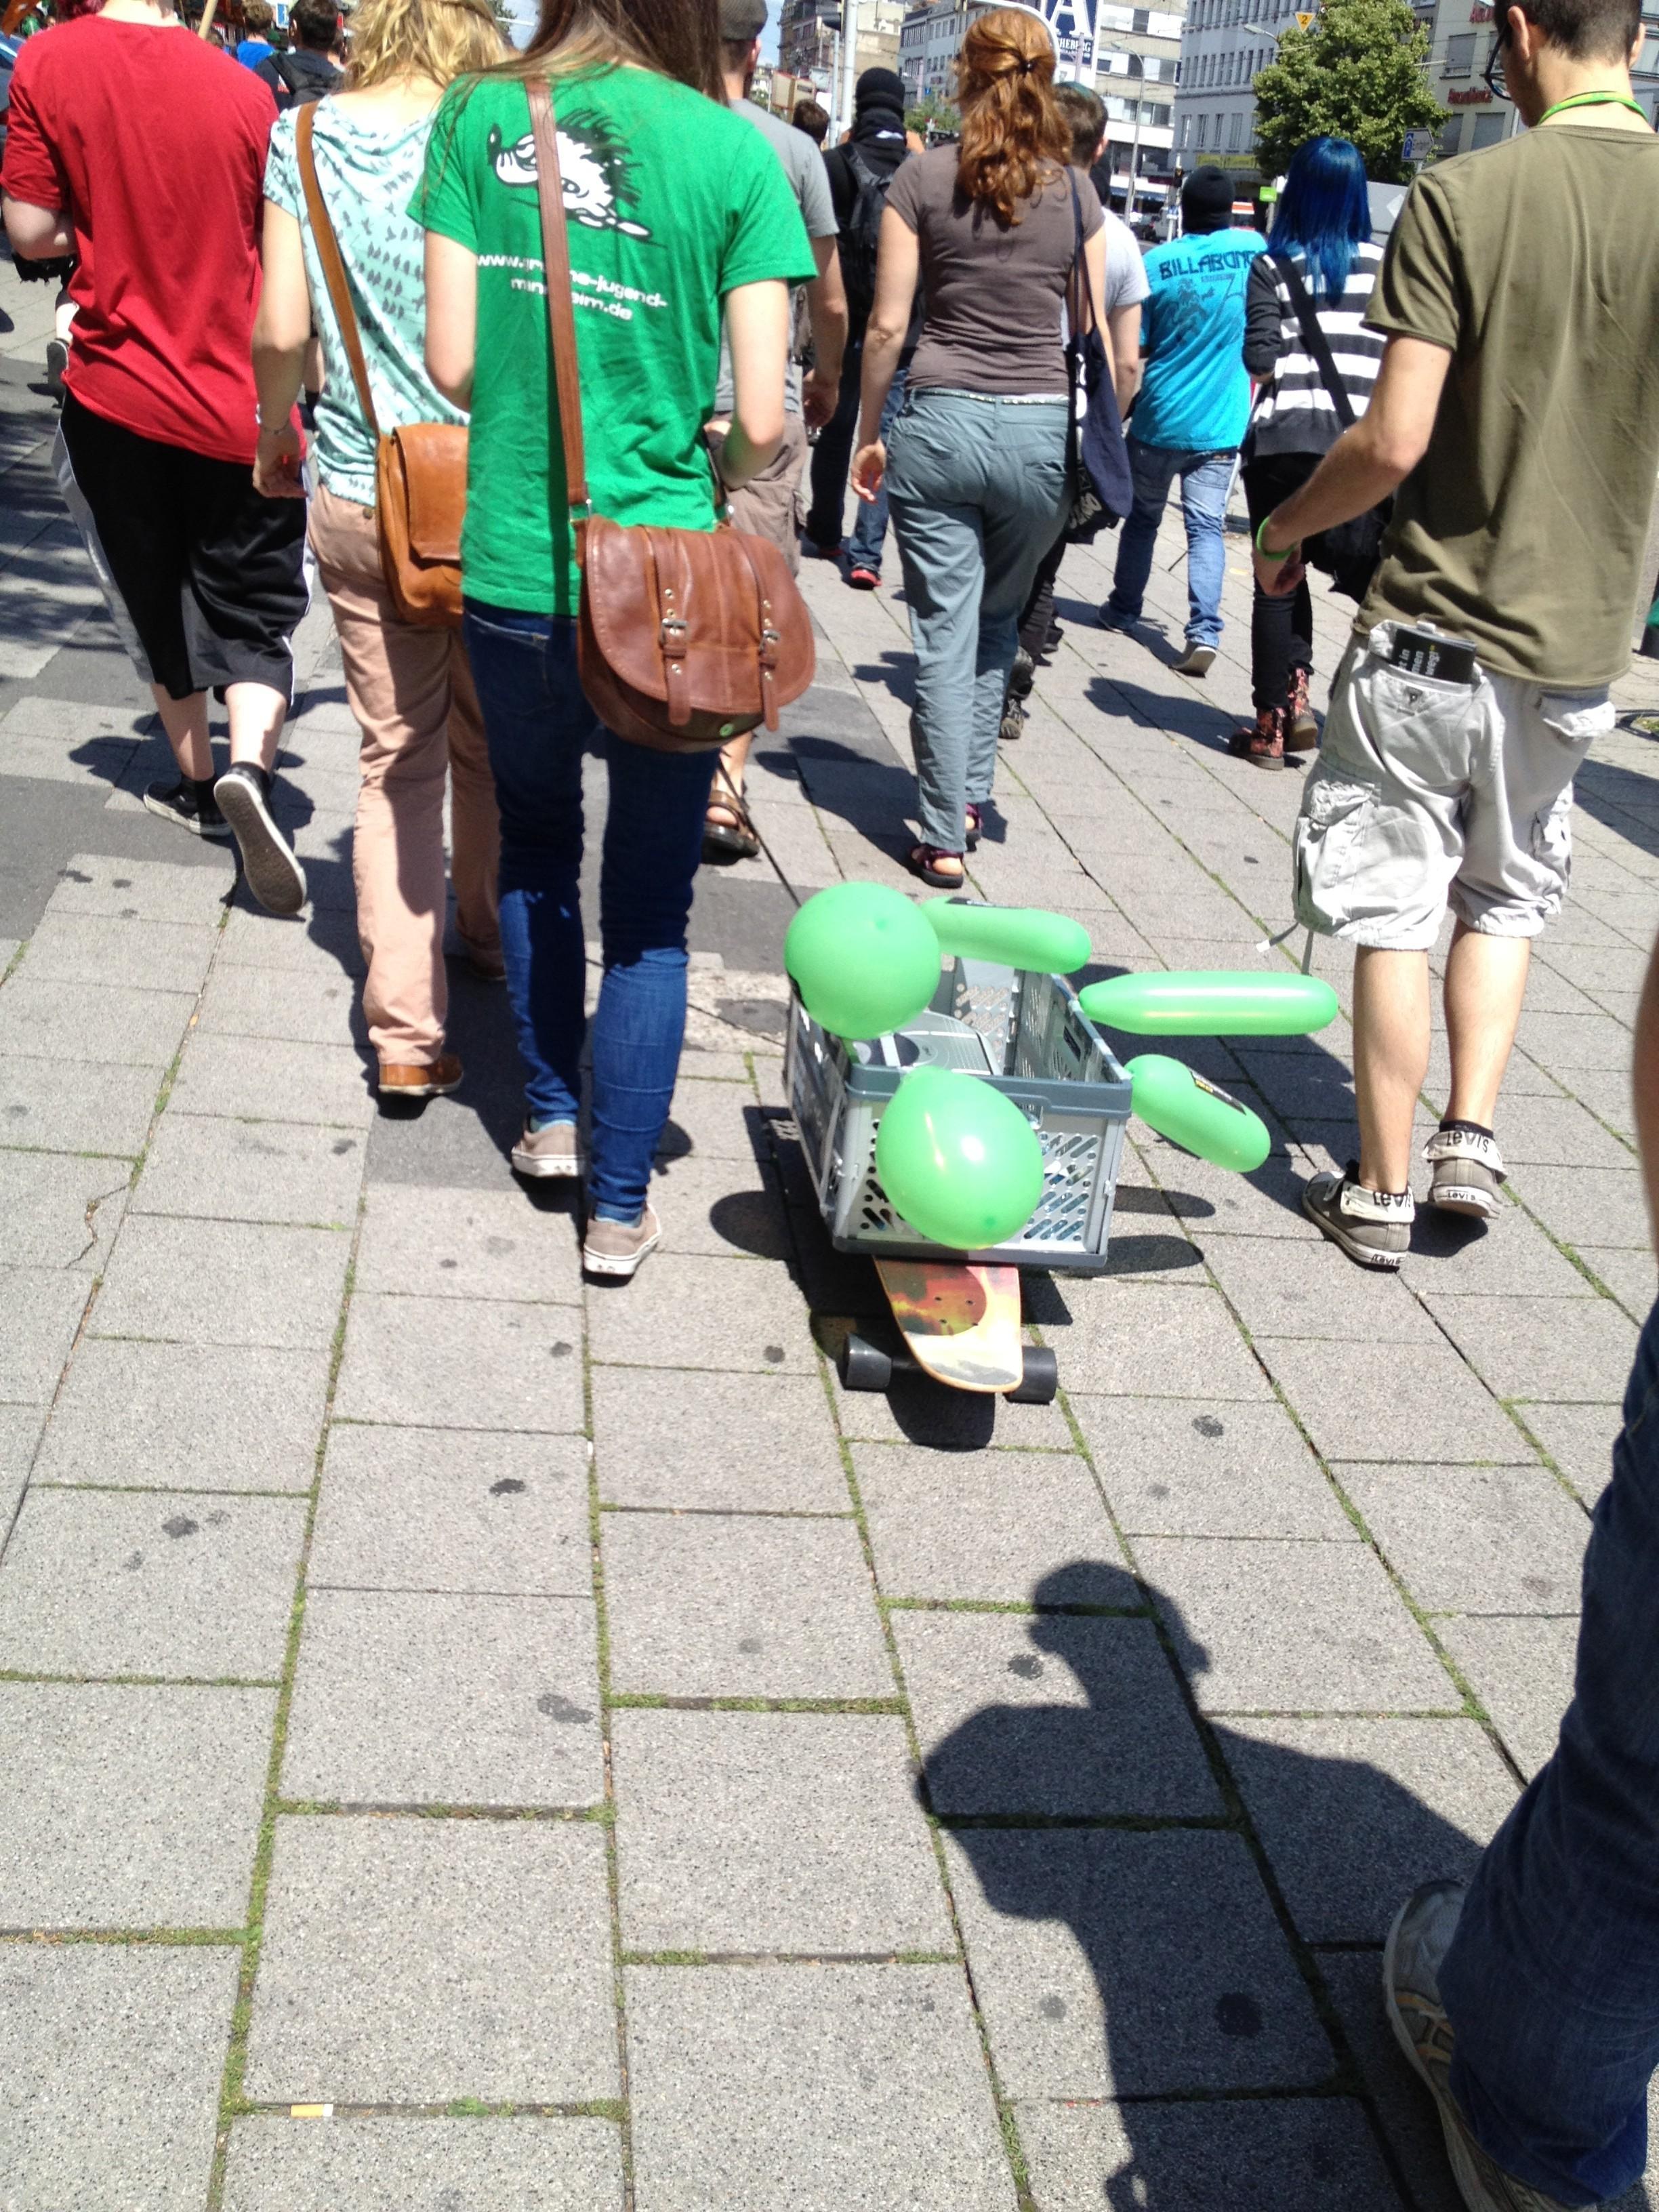 Der Lautsprecherwagen der grünen Jugend auf der Anti-Acta Demo in Mannheim